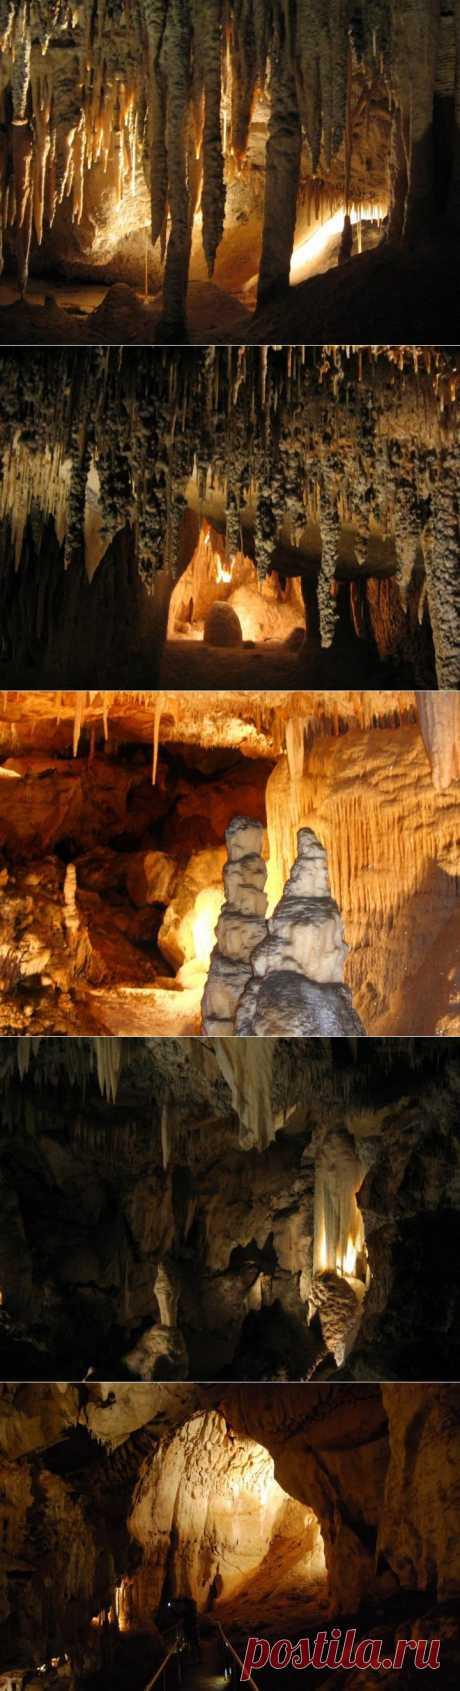 (+1) тема - Пещеры Wombeyan Caves | НАУКА И ЖИЗНЬ